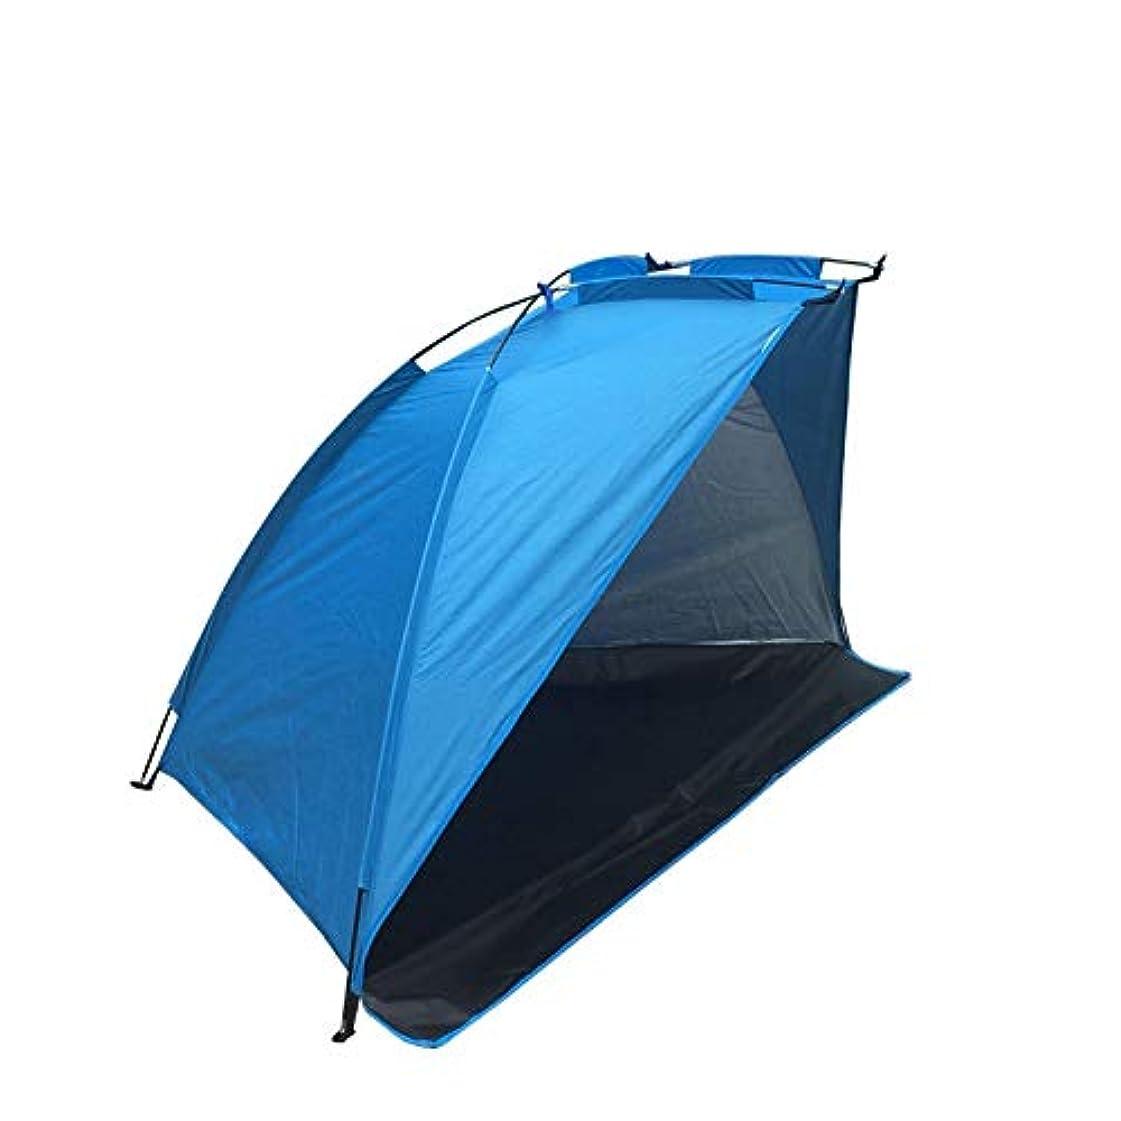 ボイド許す毎週KTH 多人数用ビーチテント家族用キャンプドームバックパッキングインスタントテント、ビーチテント